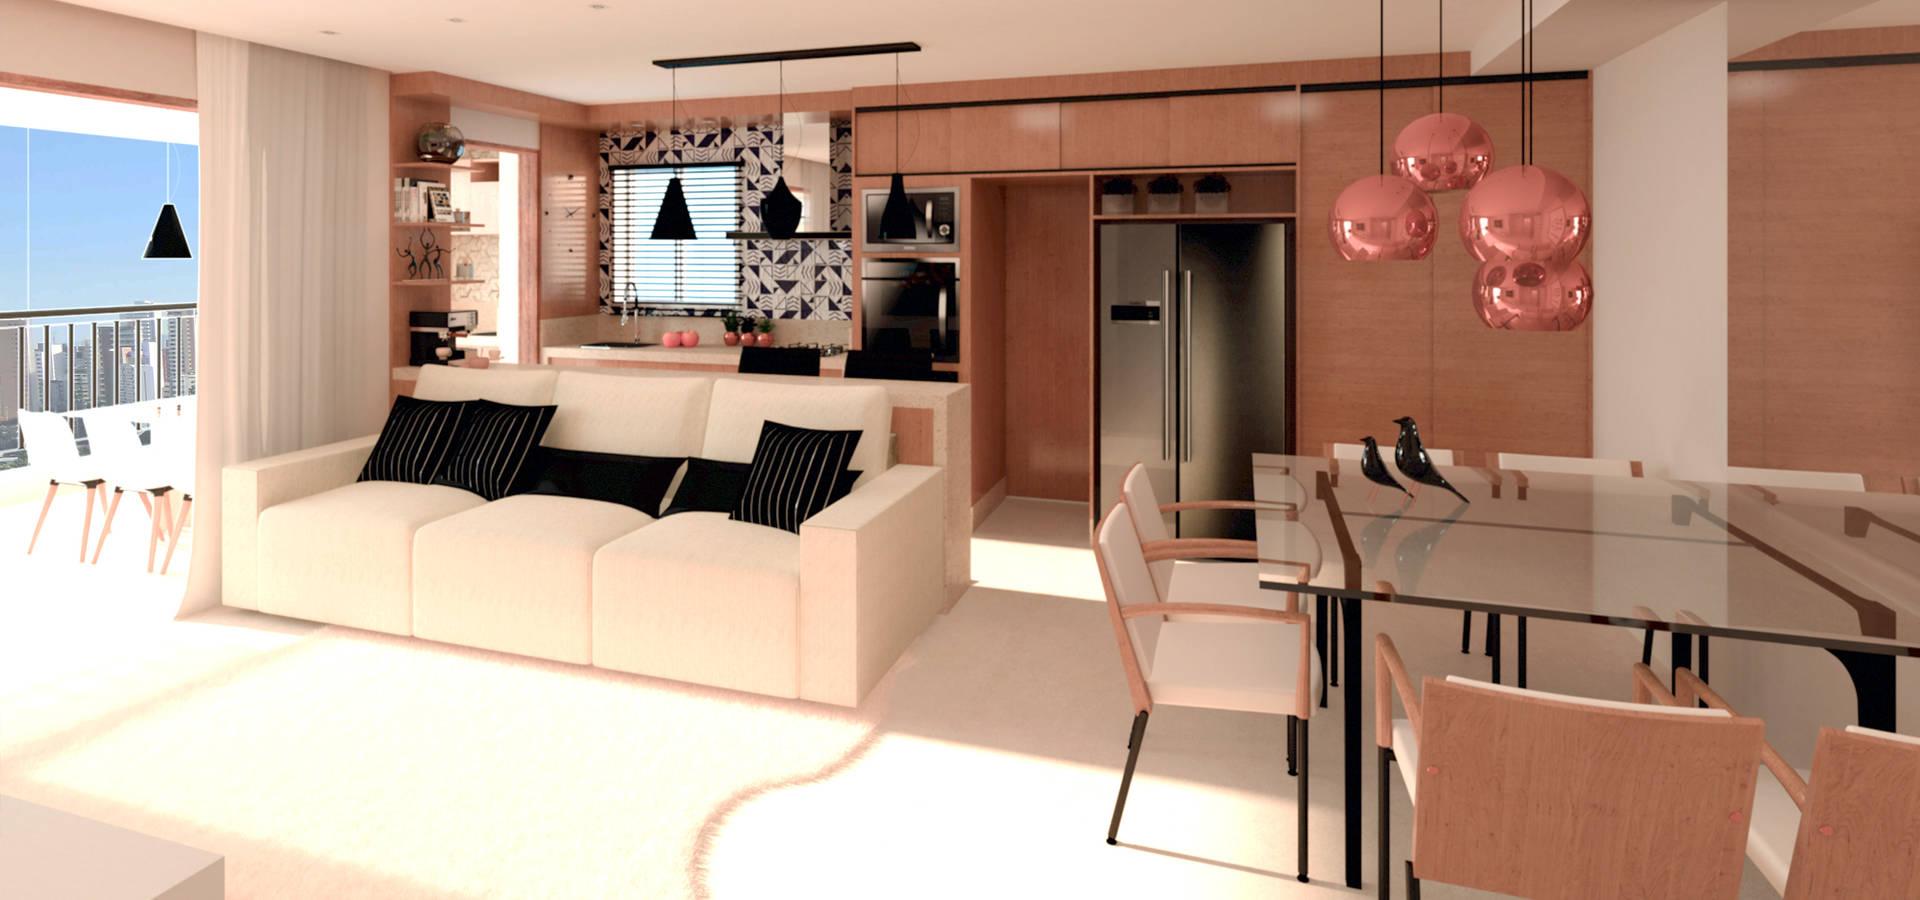 Carolina Mendes – Arquitetura & Design